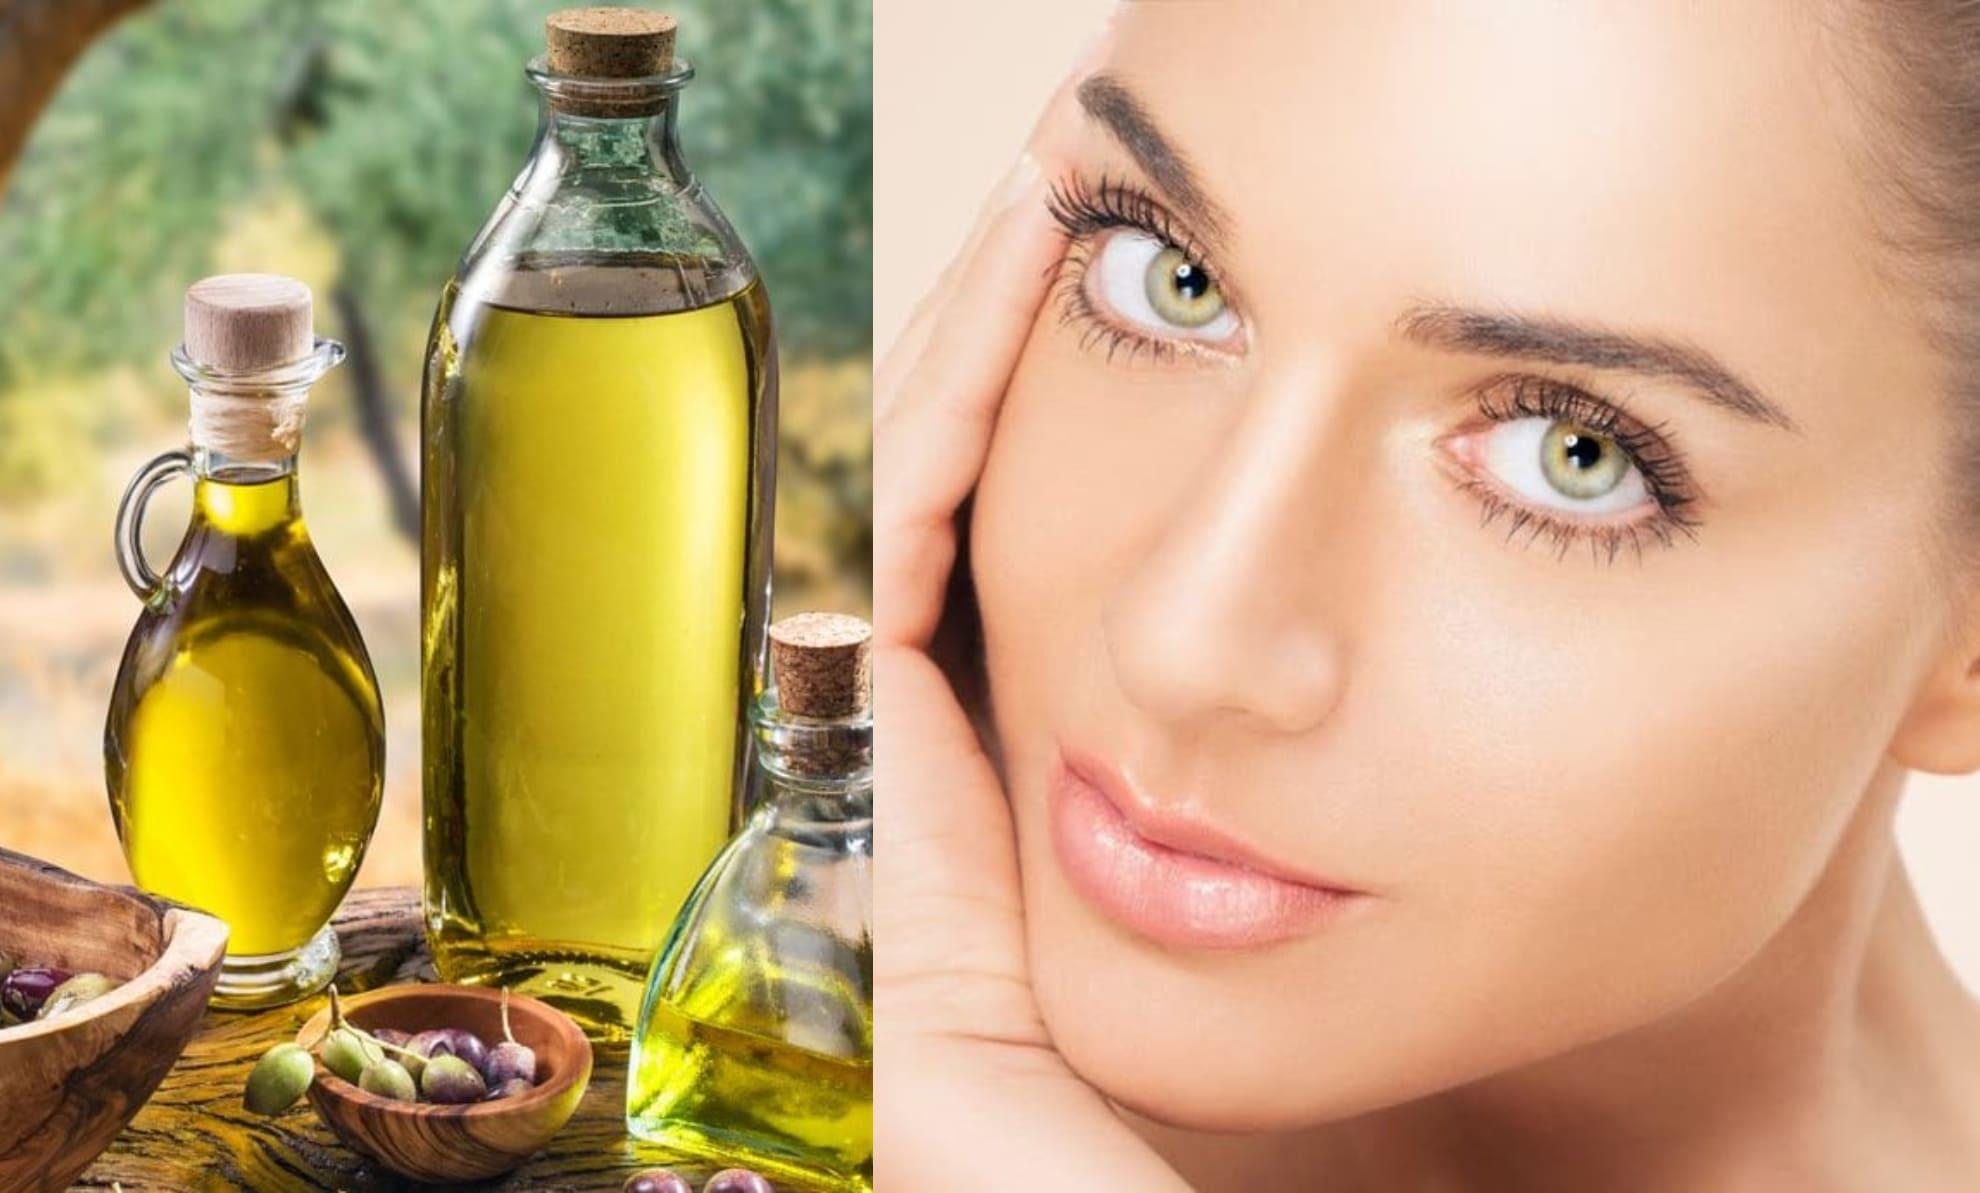 فوائد زيت الزيتون للشعر والبشرة و أفضل 7 ماسكات من خلاله